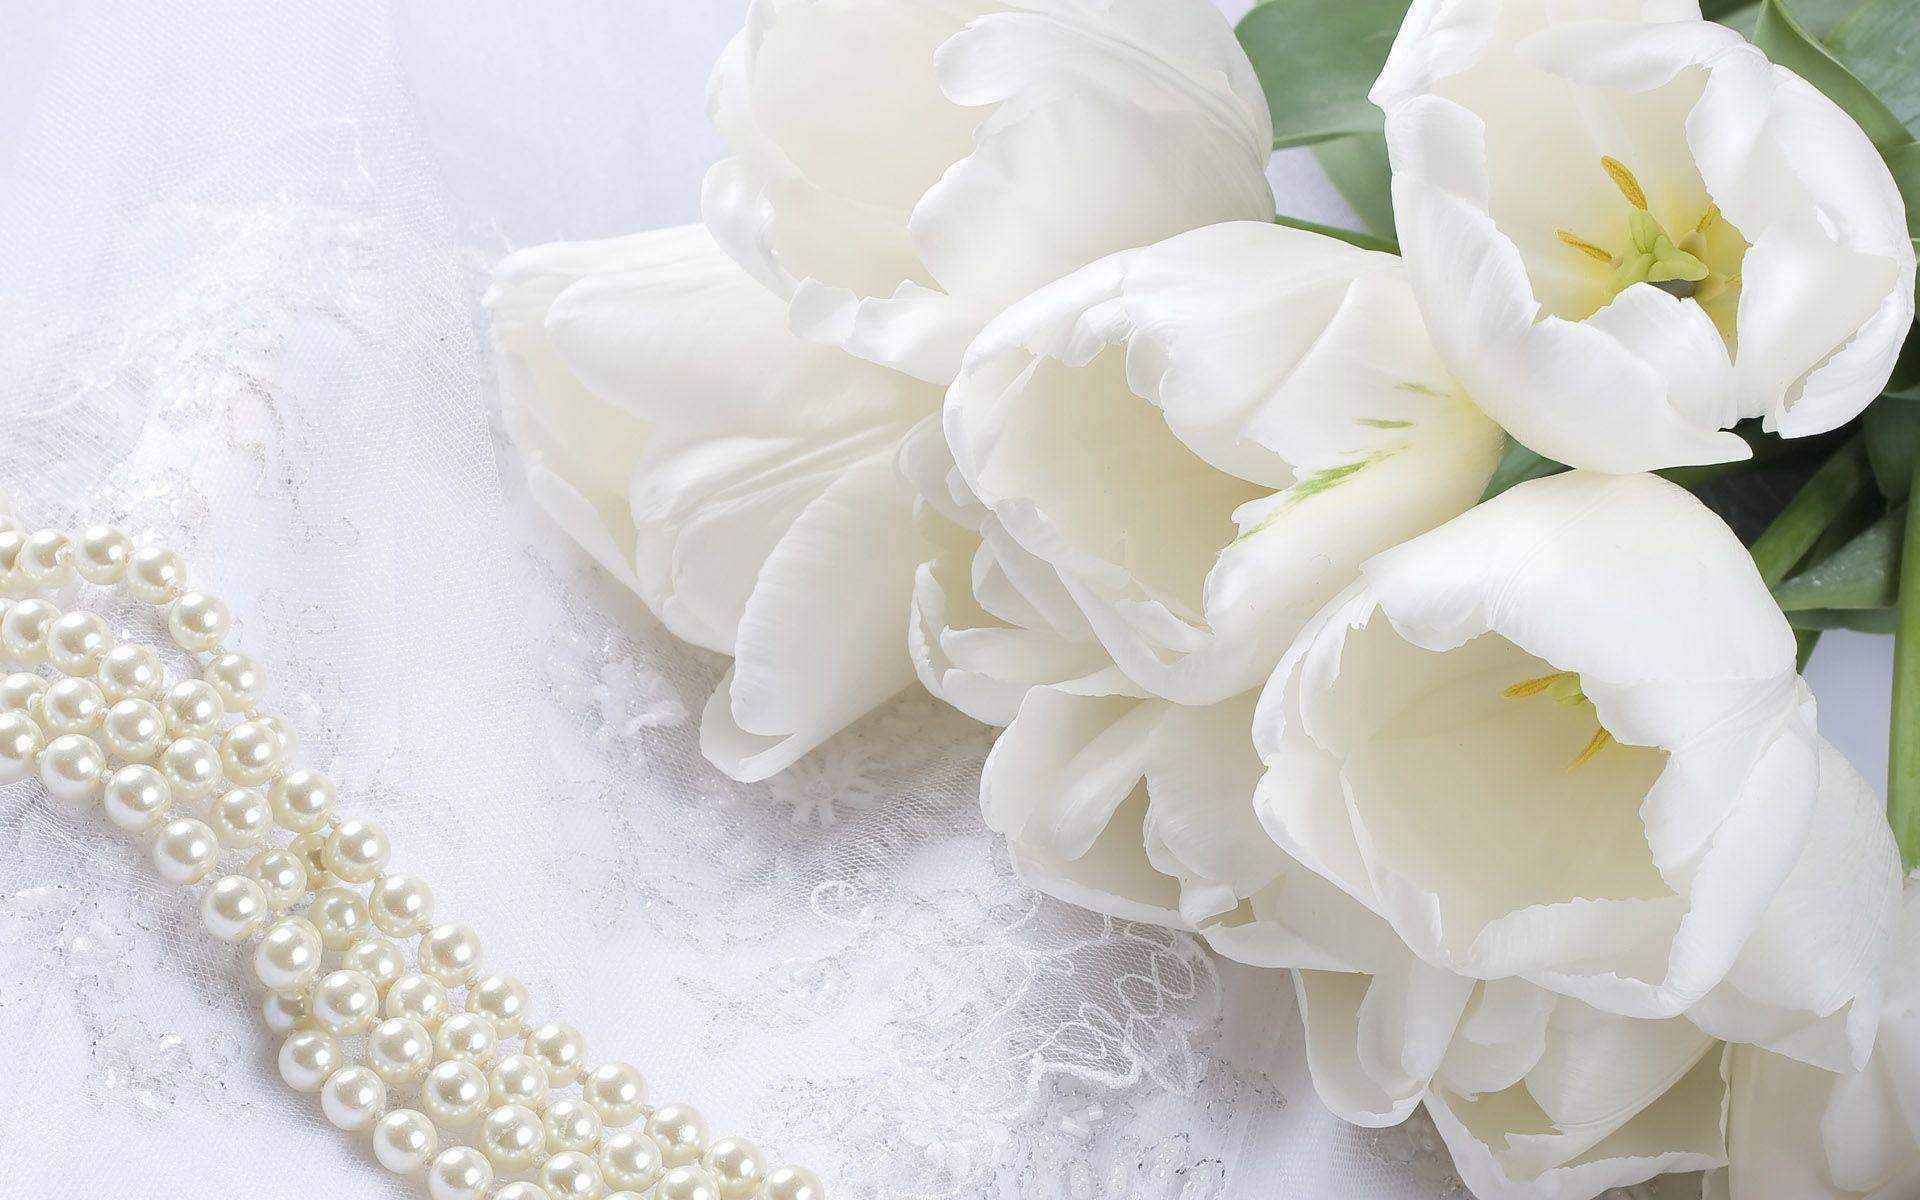 White Rose Flower Wallpaper For Desktop Google Search Beautiful Flowers Hd Wallpapers Beautiful Flowers Wallpapers Beautiful Flowers Images